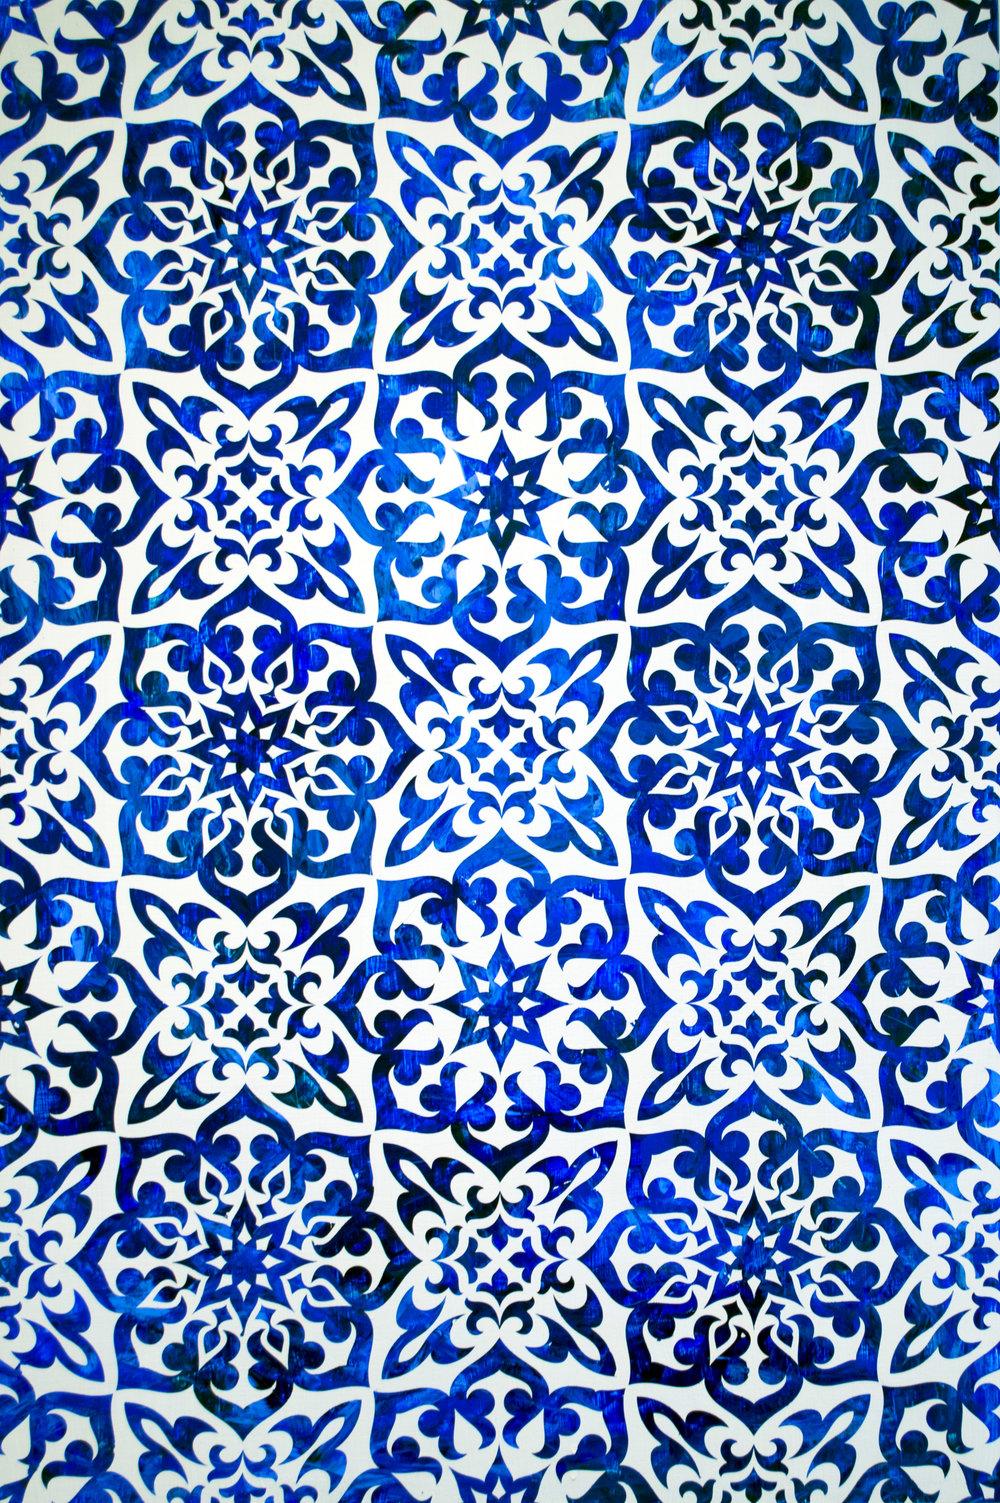 Arabian Nights - 24x36 - 3300.jpg